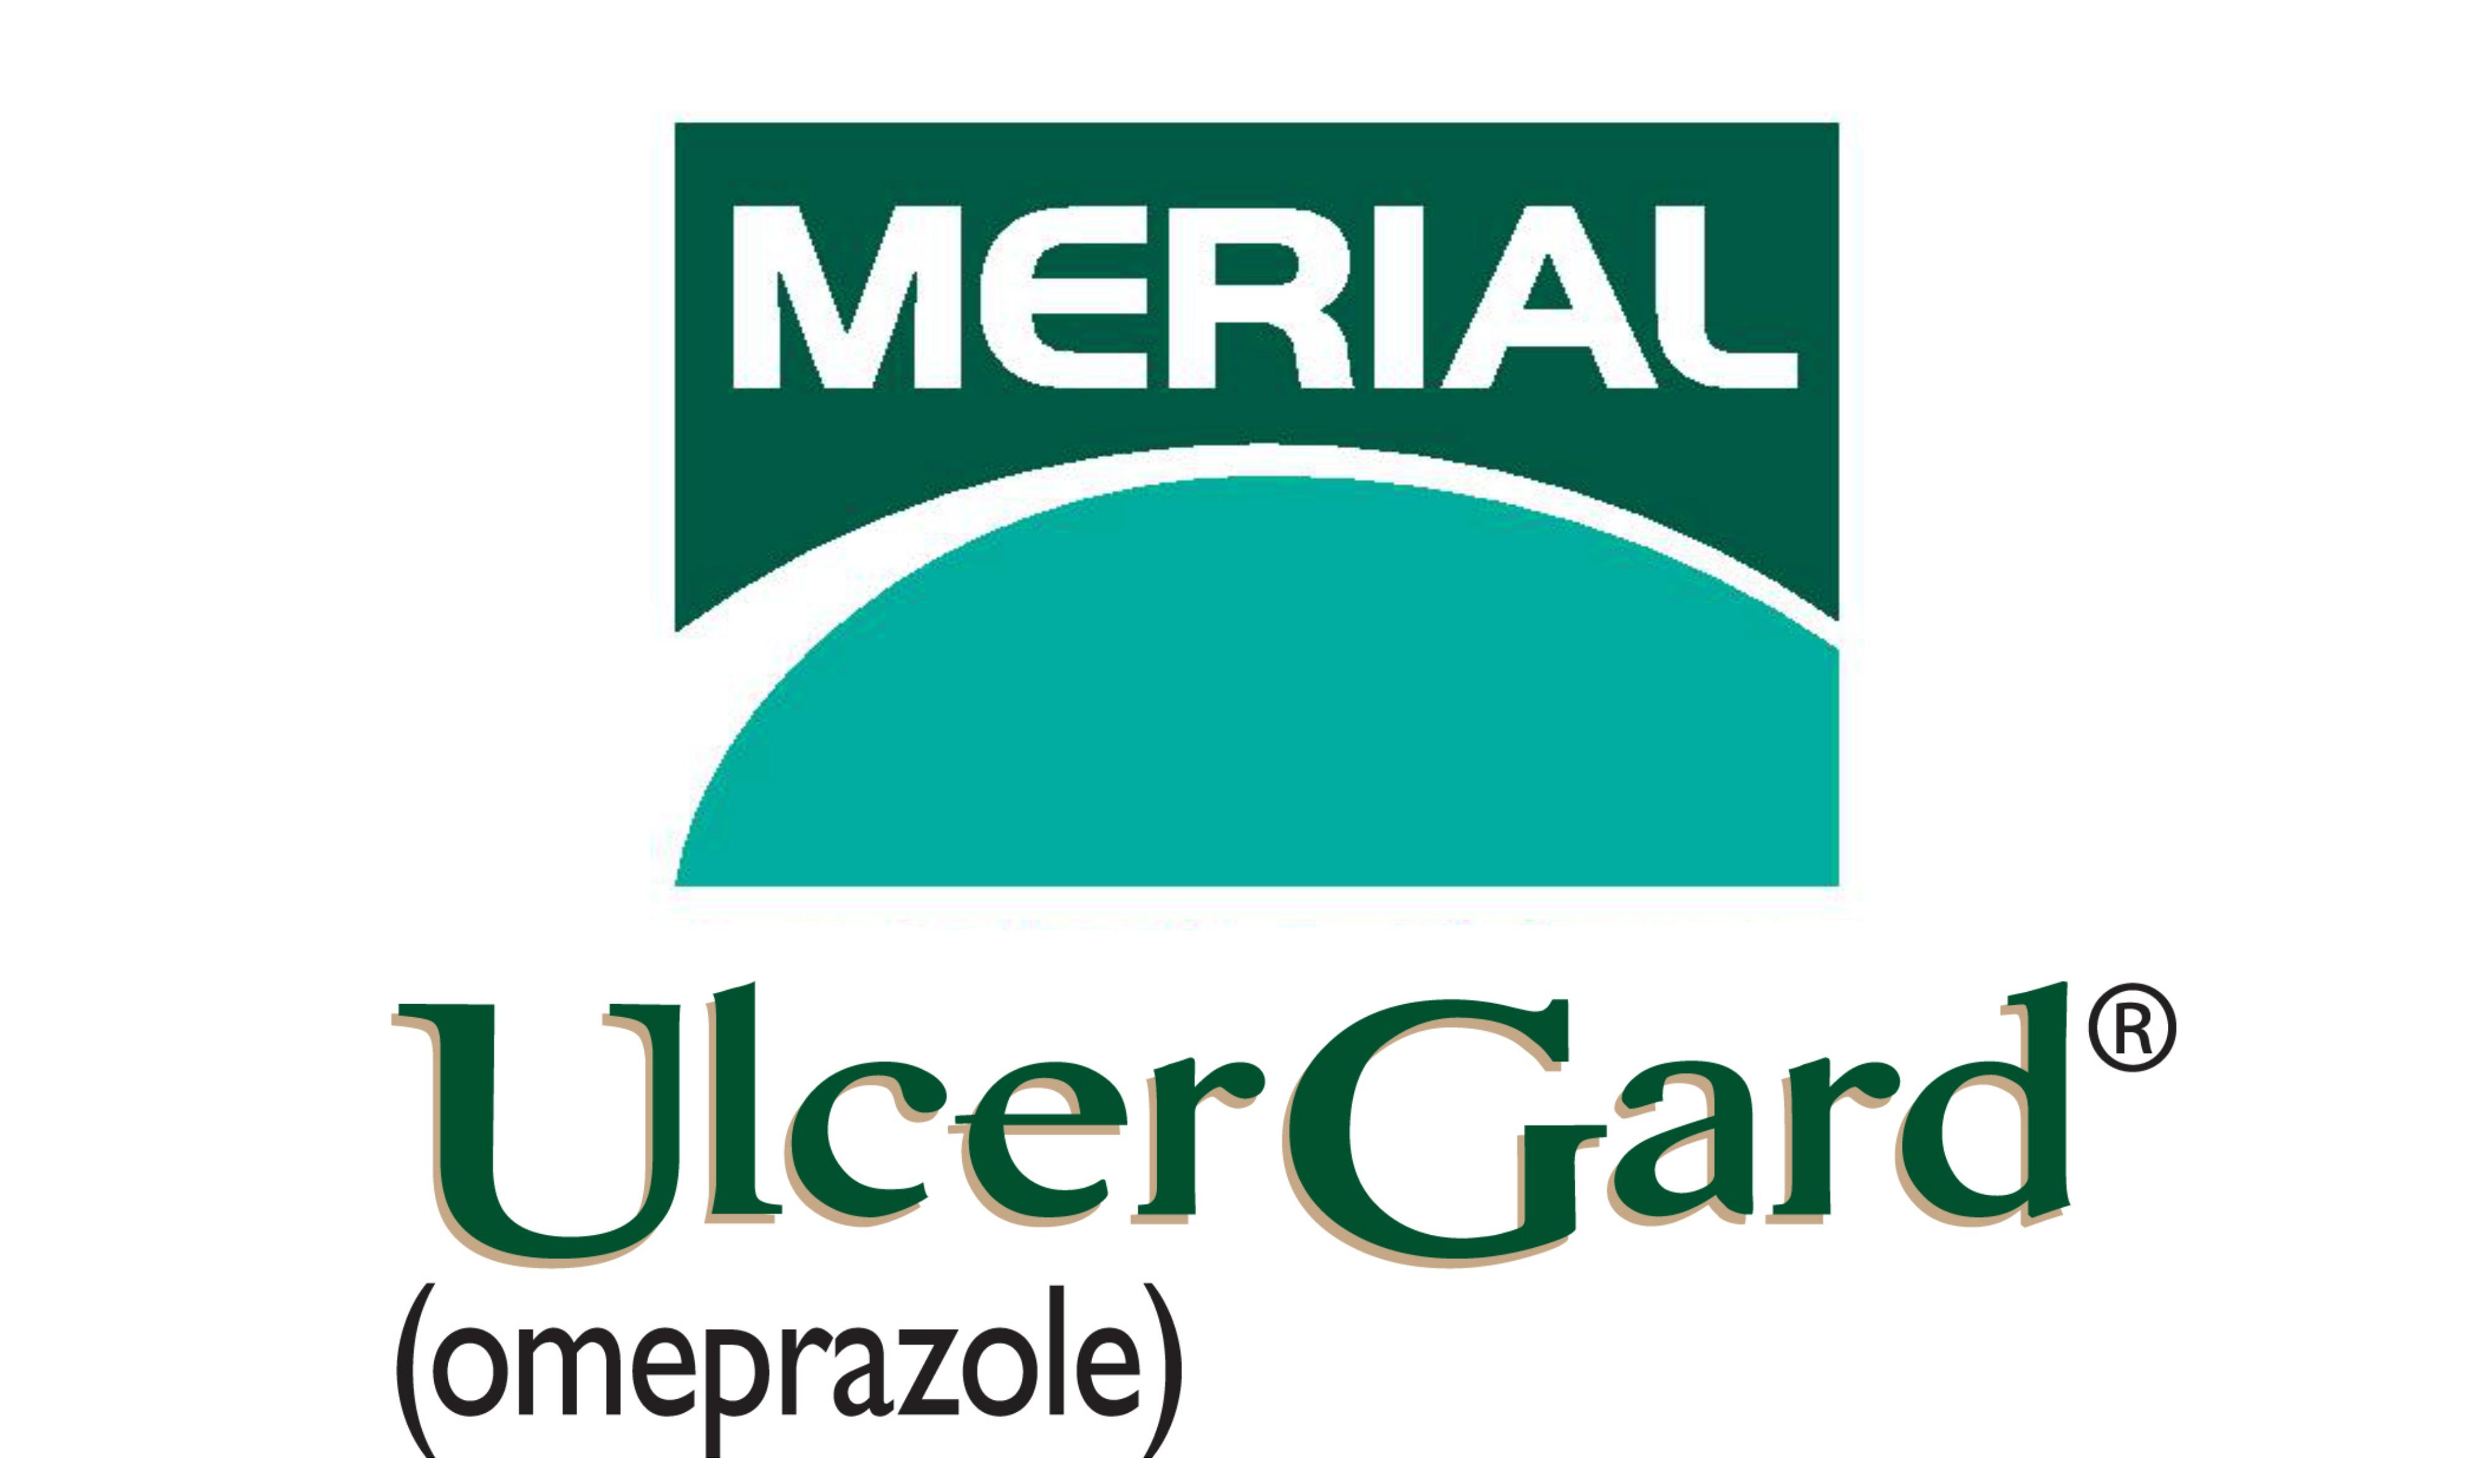 Merial 3x5